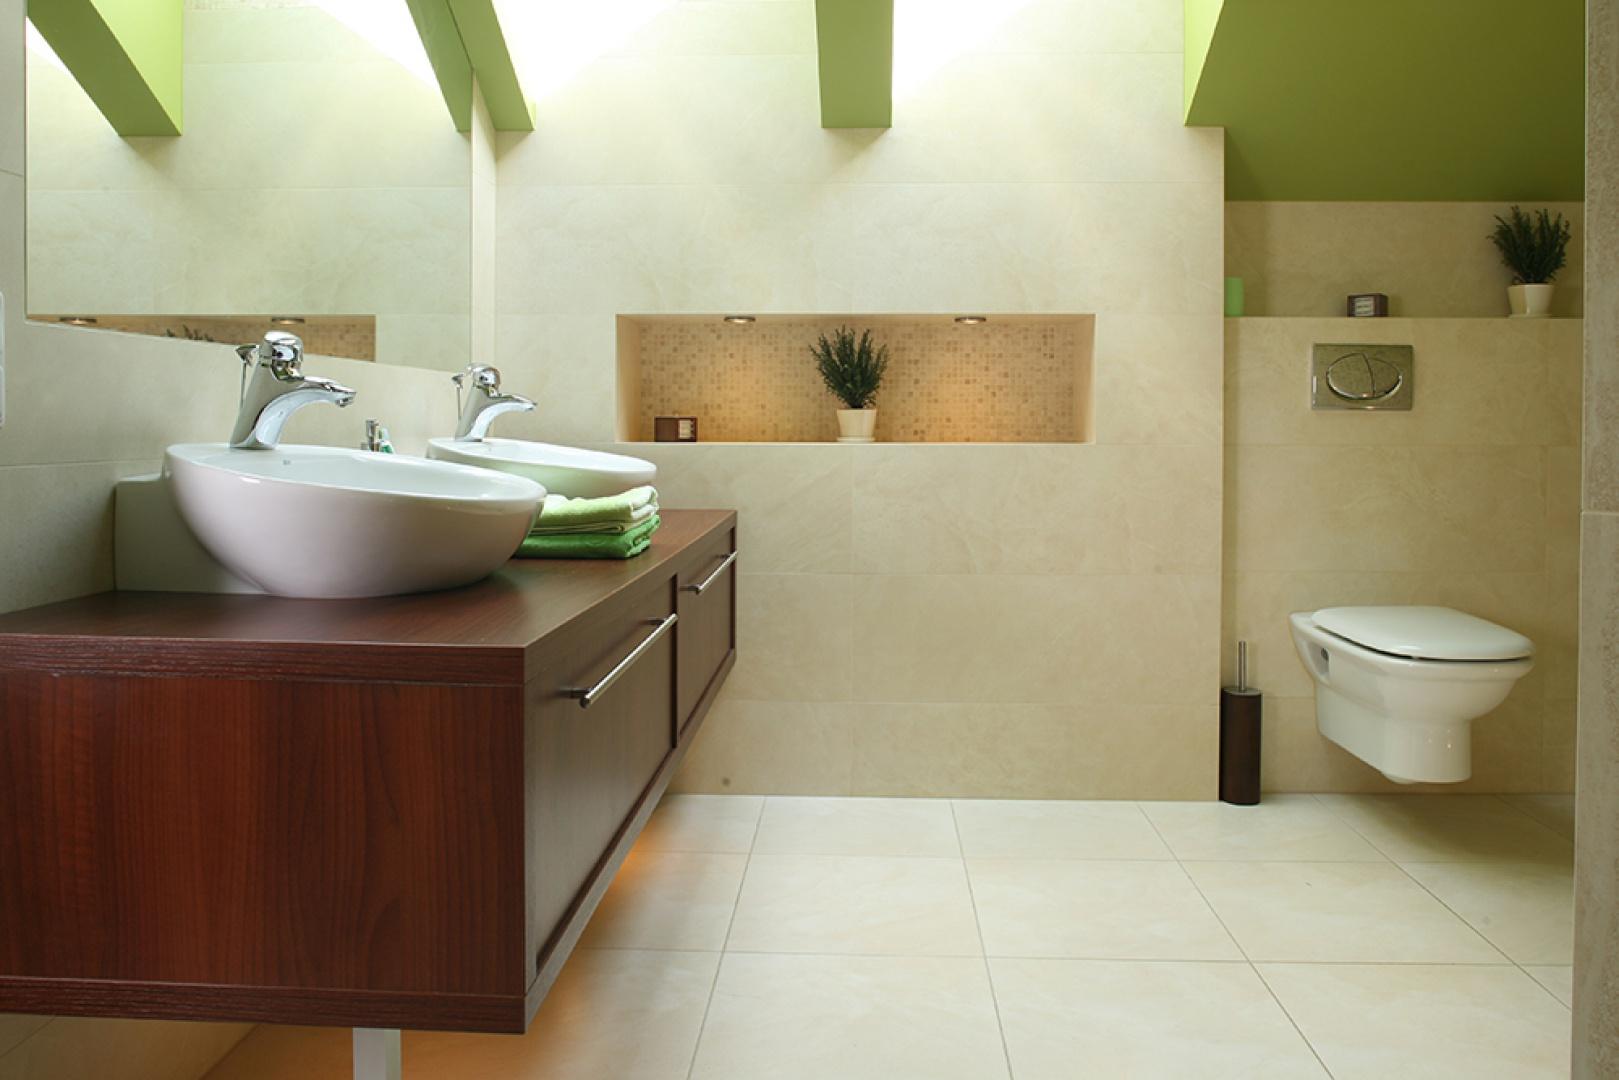 Na drewnianym blacie ustawiono dwie okrągłe umywalki (firma Roca), linią nawiązujące do kształtu wanny i prysznica. W pojemnych szafkach przechowywane są wszystkie łazienkowe akcesoria. Fot. Bartosz Jarosz.